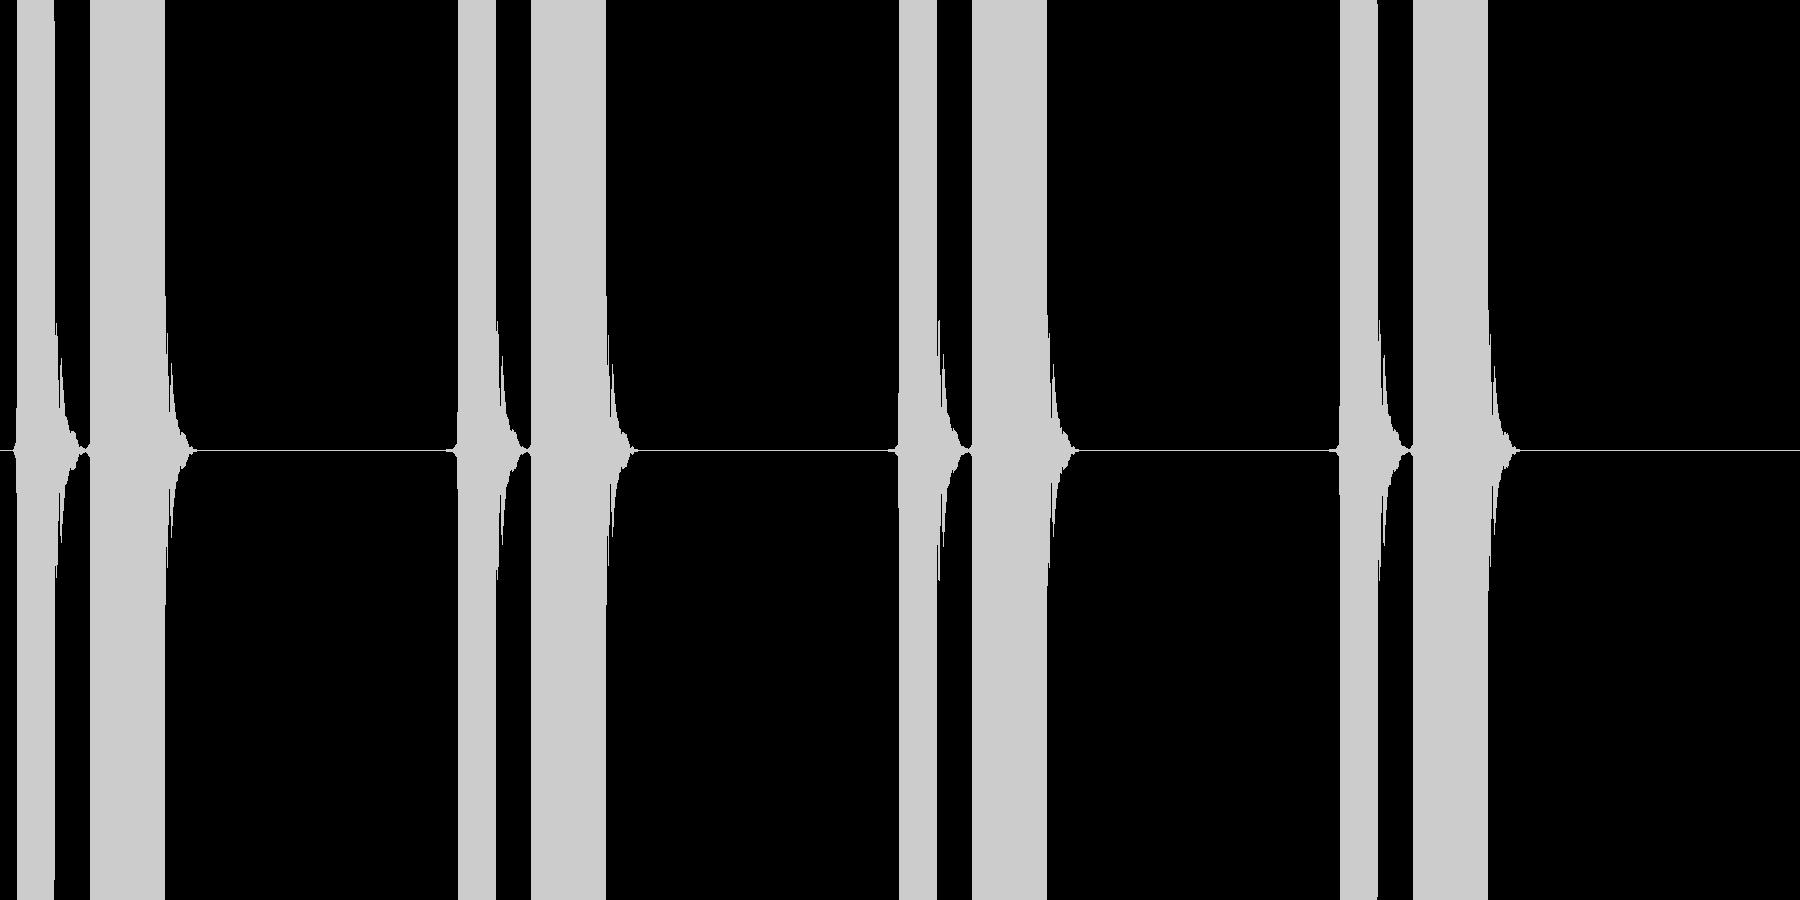 大型車のバック警報音「ピピーピピー」の未再生の波形